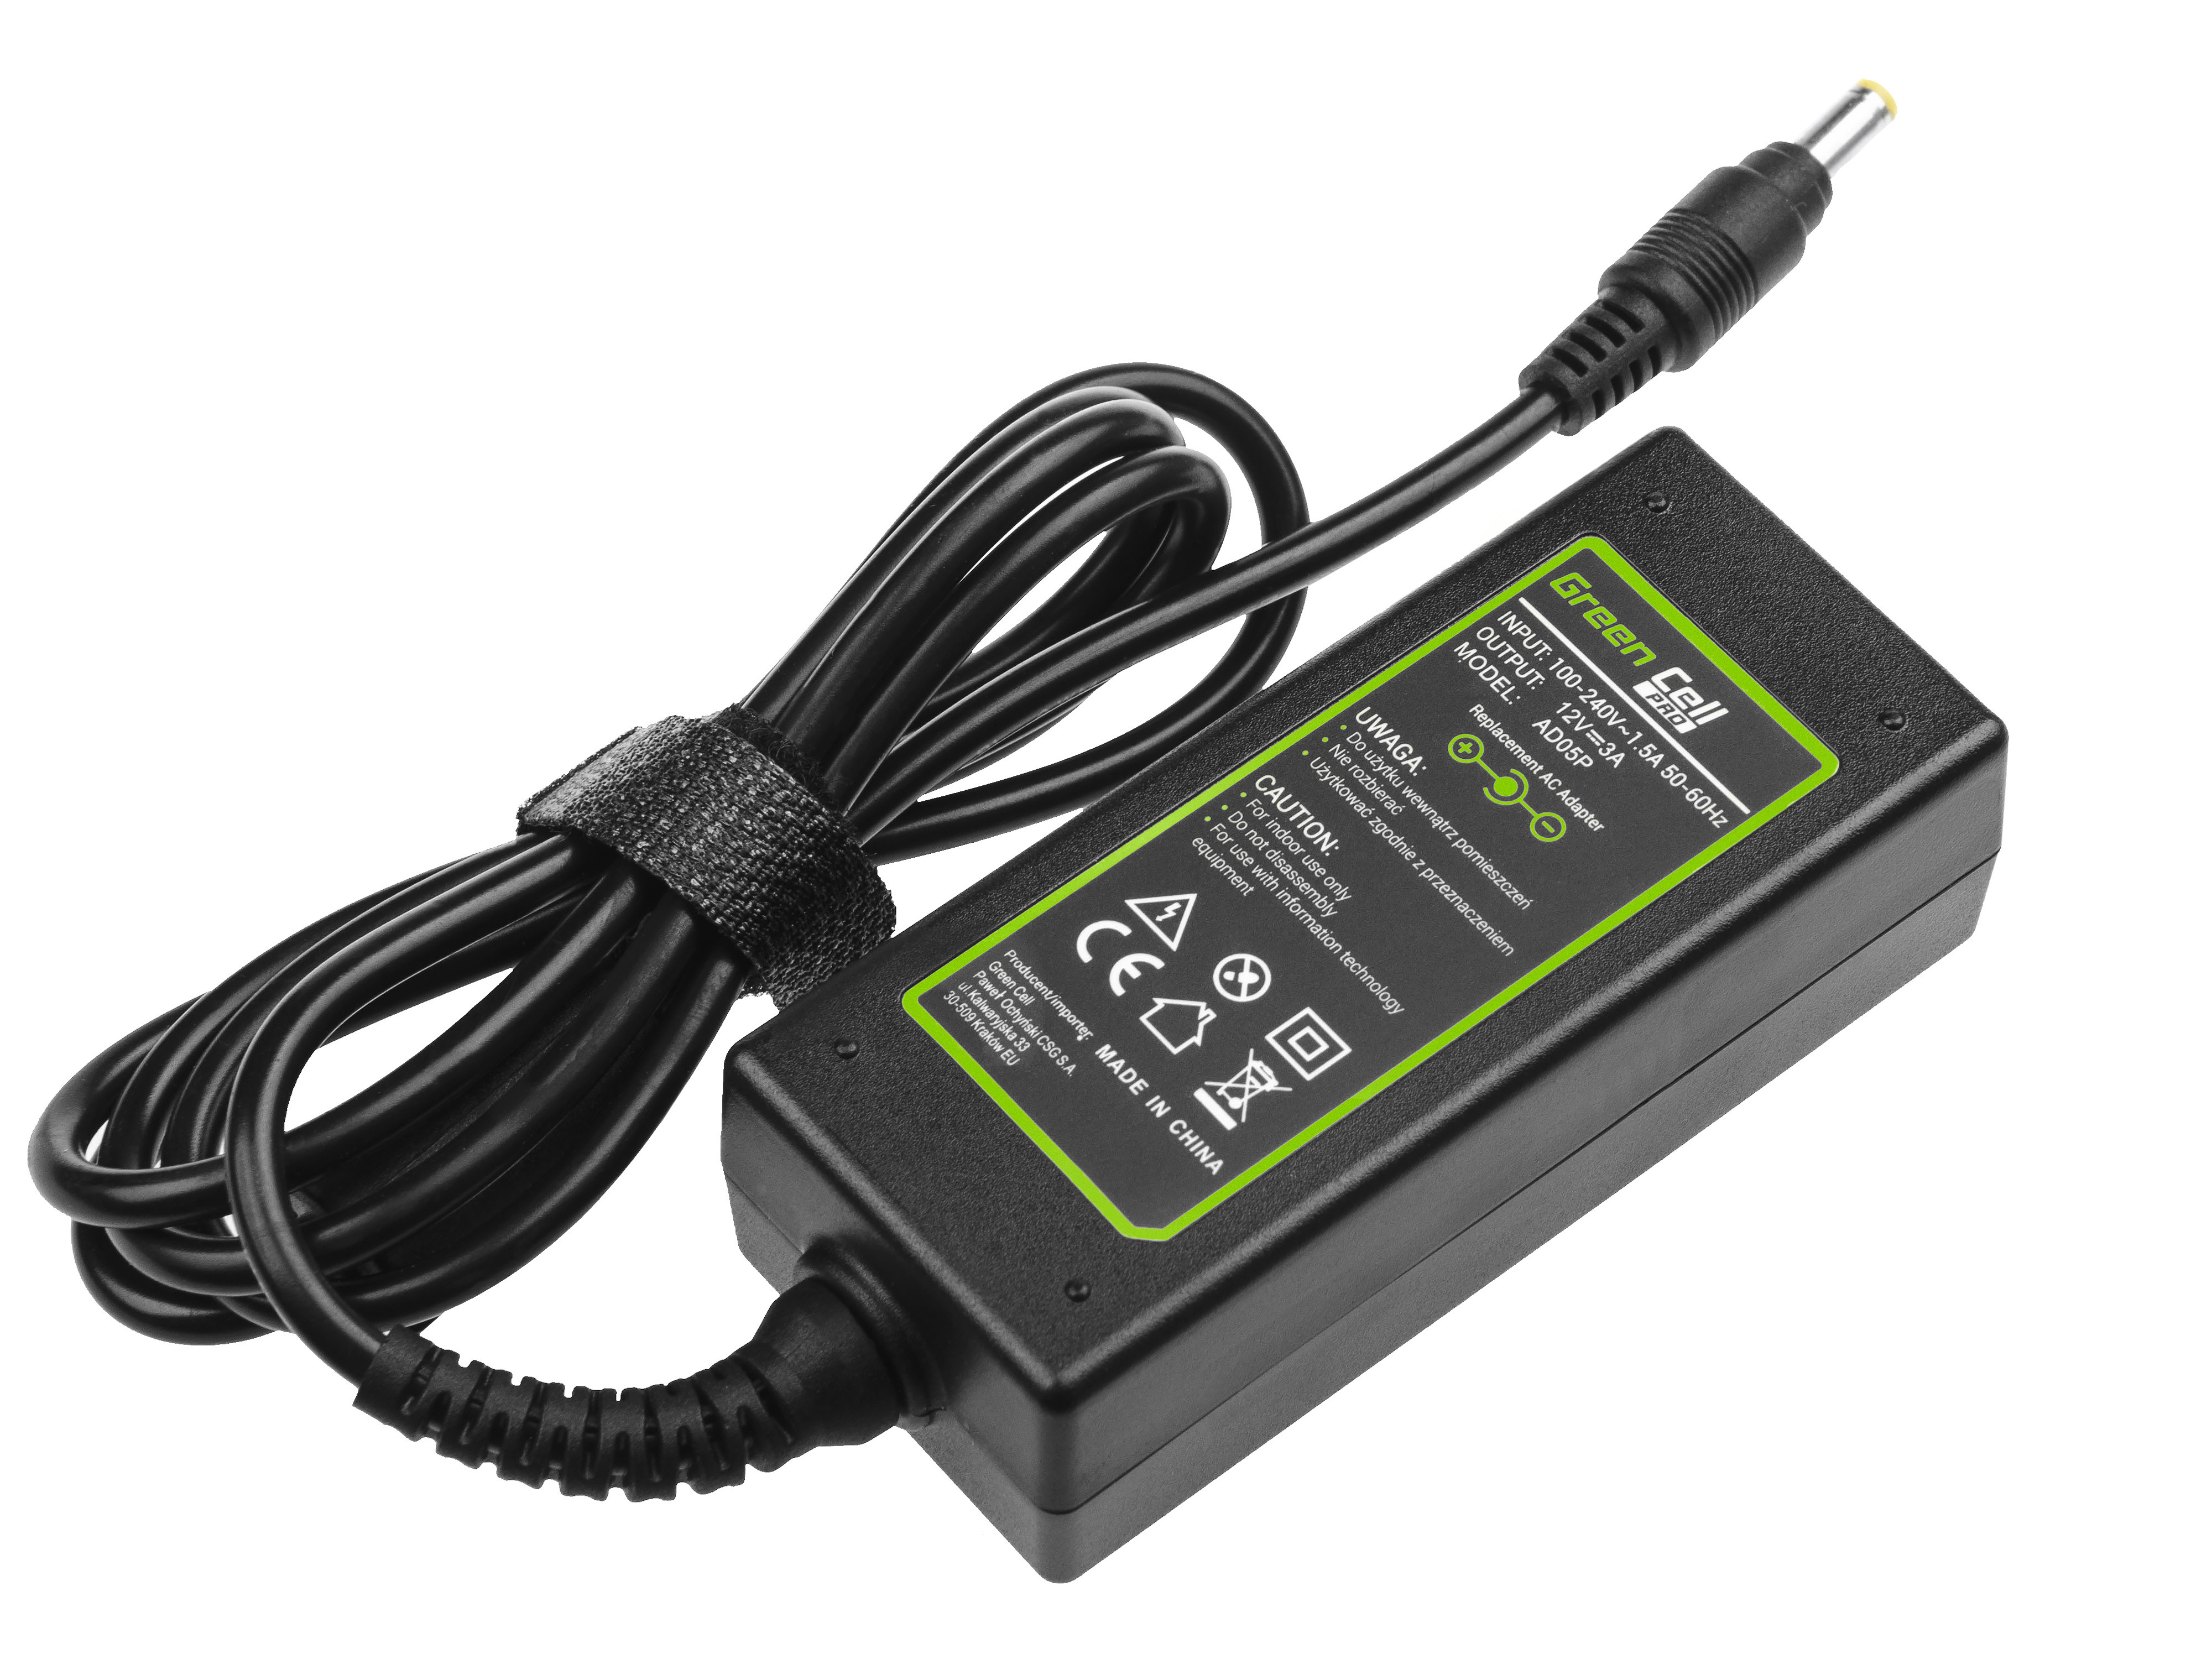 Green Cell AD05P Adaptér Nabíječka pro Asus Eee PC 901 904 1000 1000H 1000HA 1000HD 1000HE 12V 3A 36W